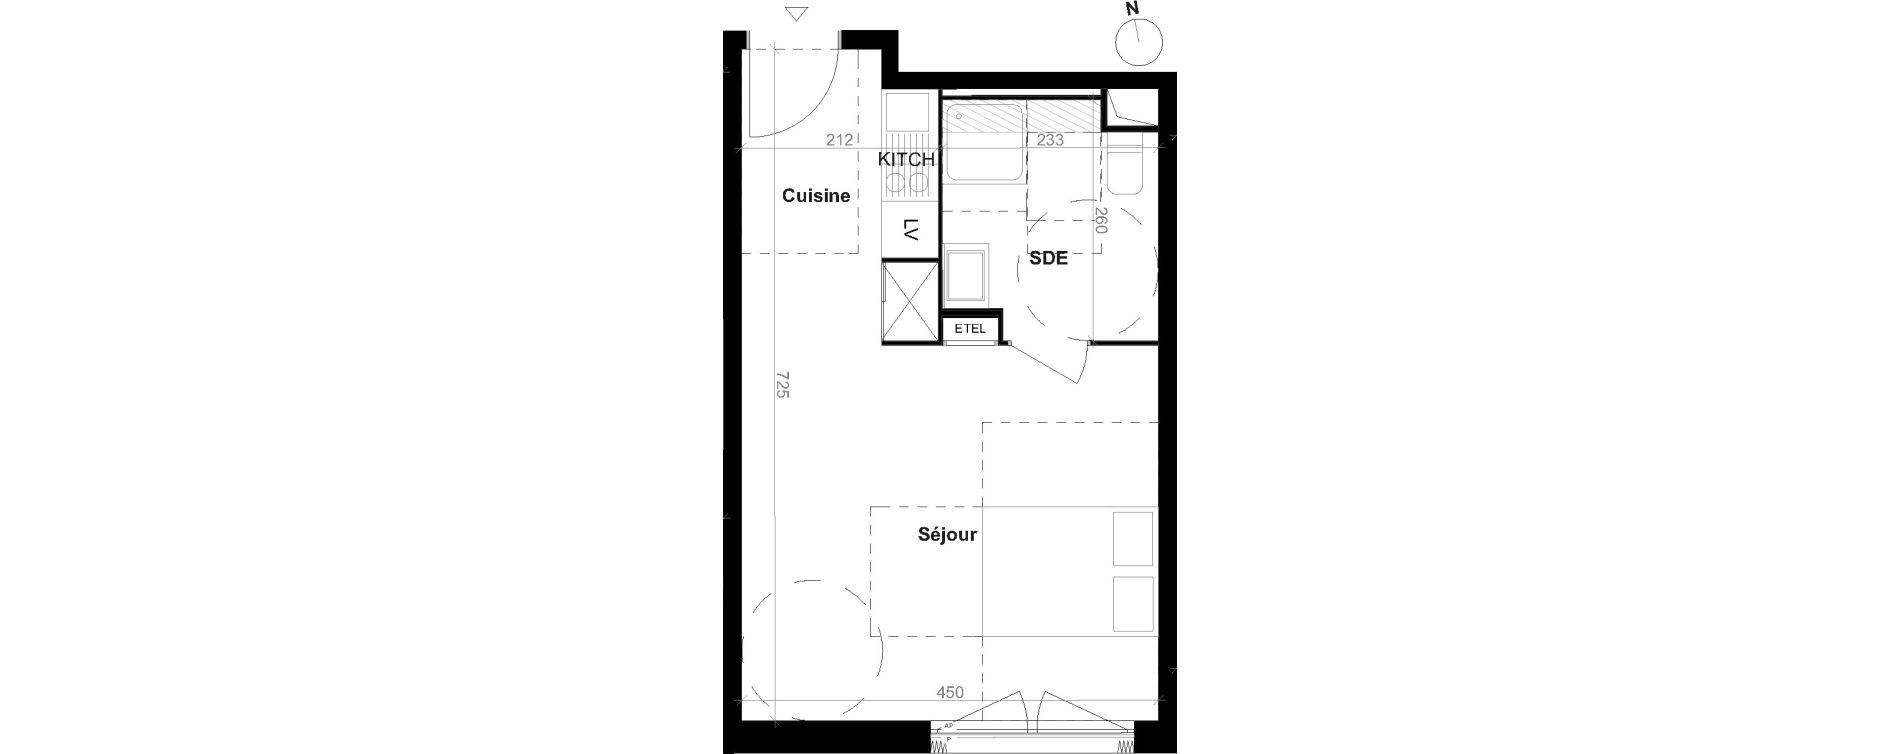 Appartement T1 de 30,30 m2 à Épinay-Sur-Seine Centre